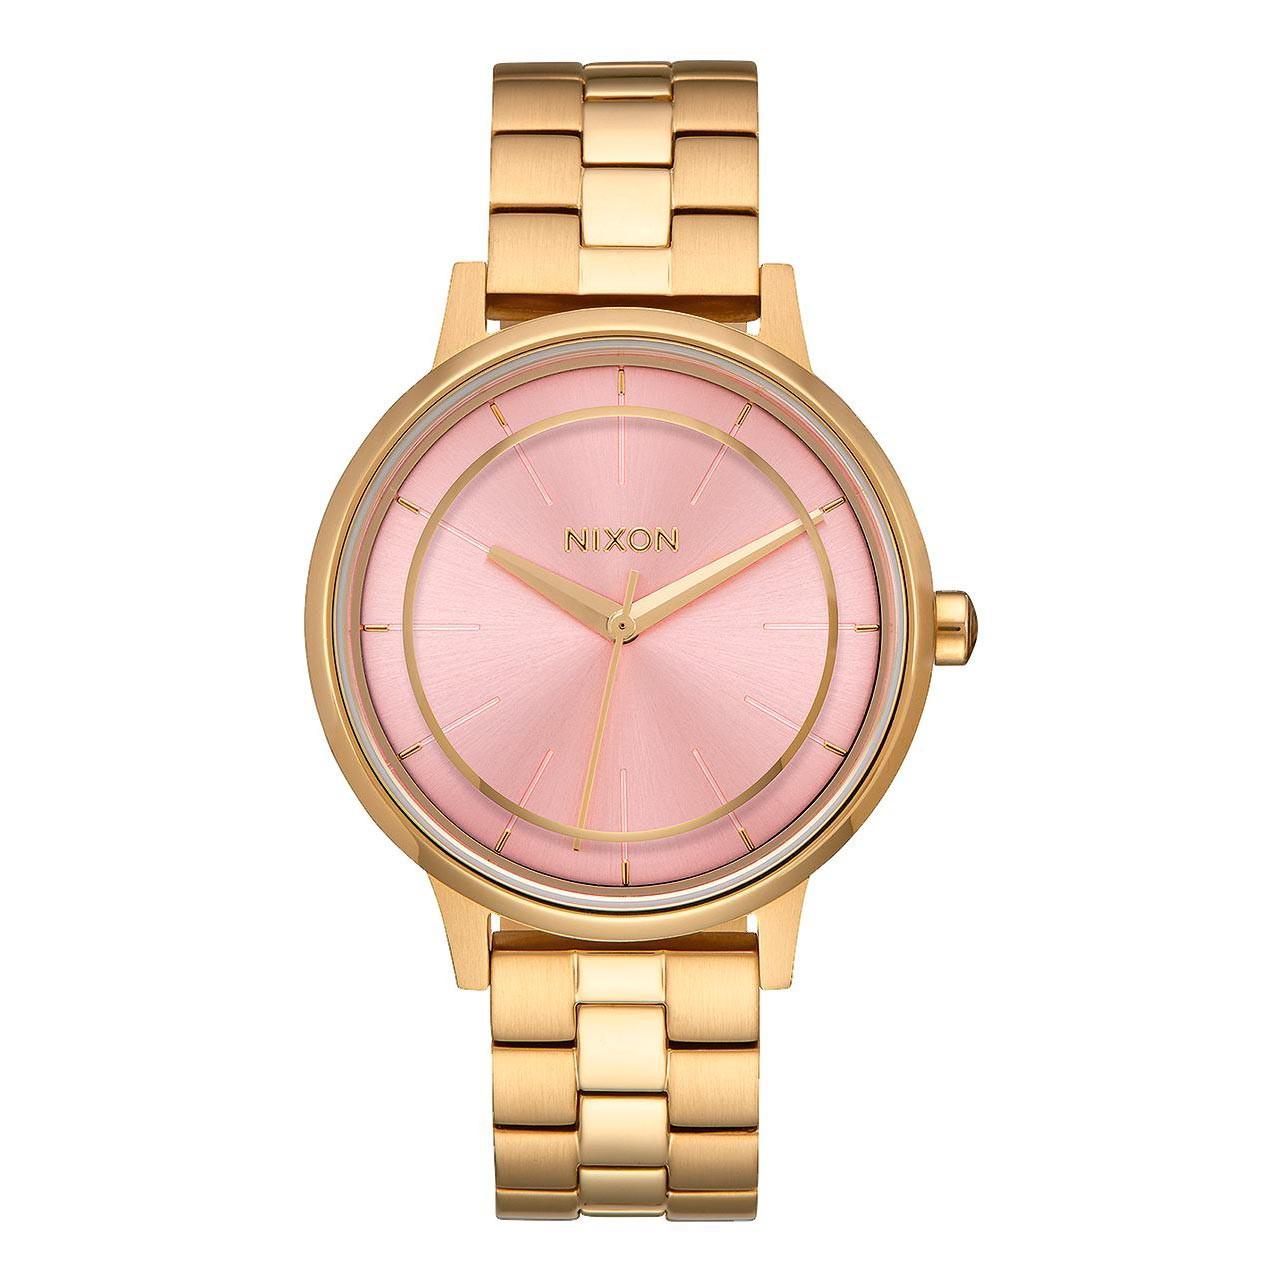 Hodinky Nixon Kensington light gold/pink vel.ocel 16 + doručení do 24 hodin